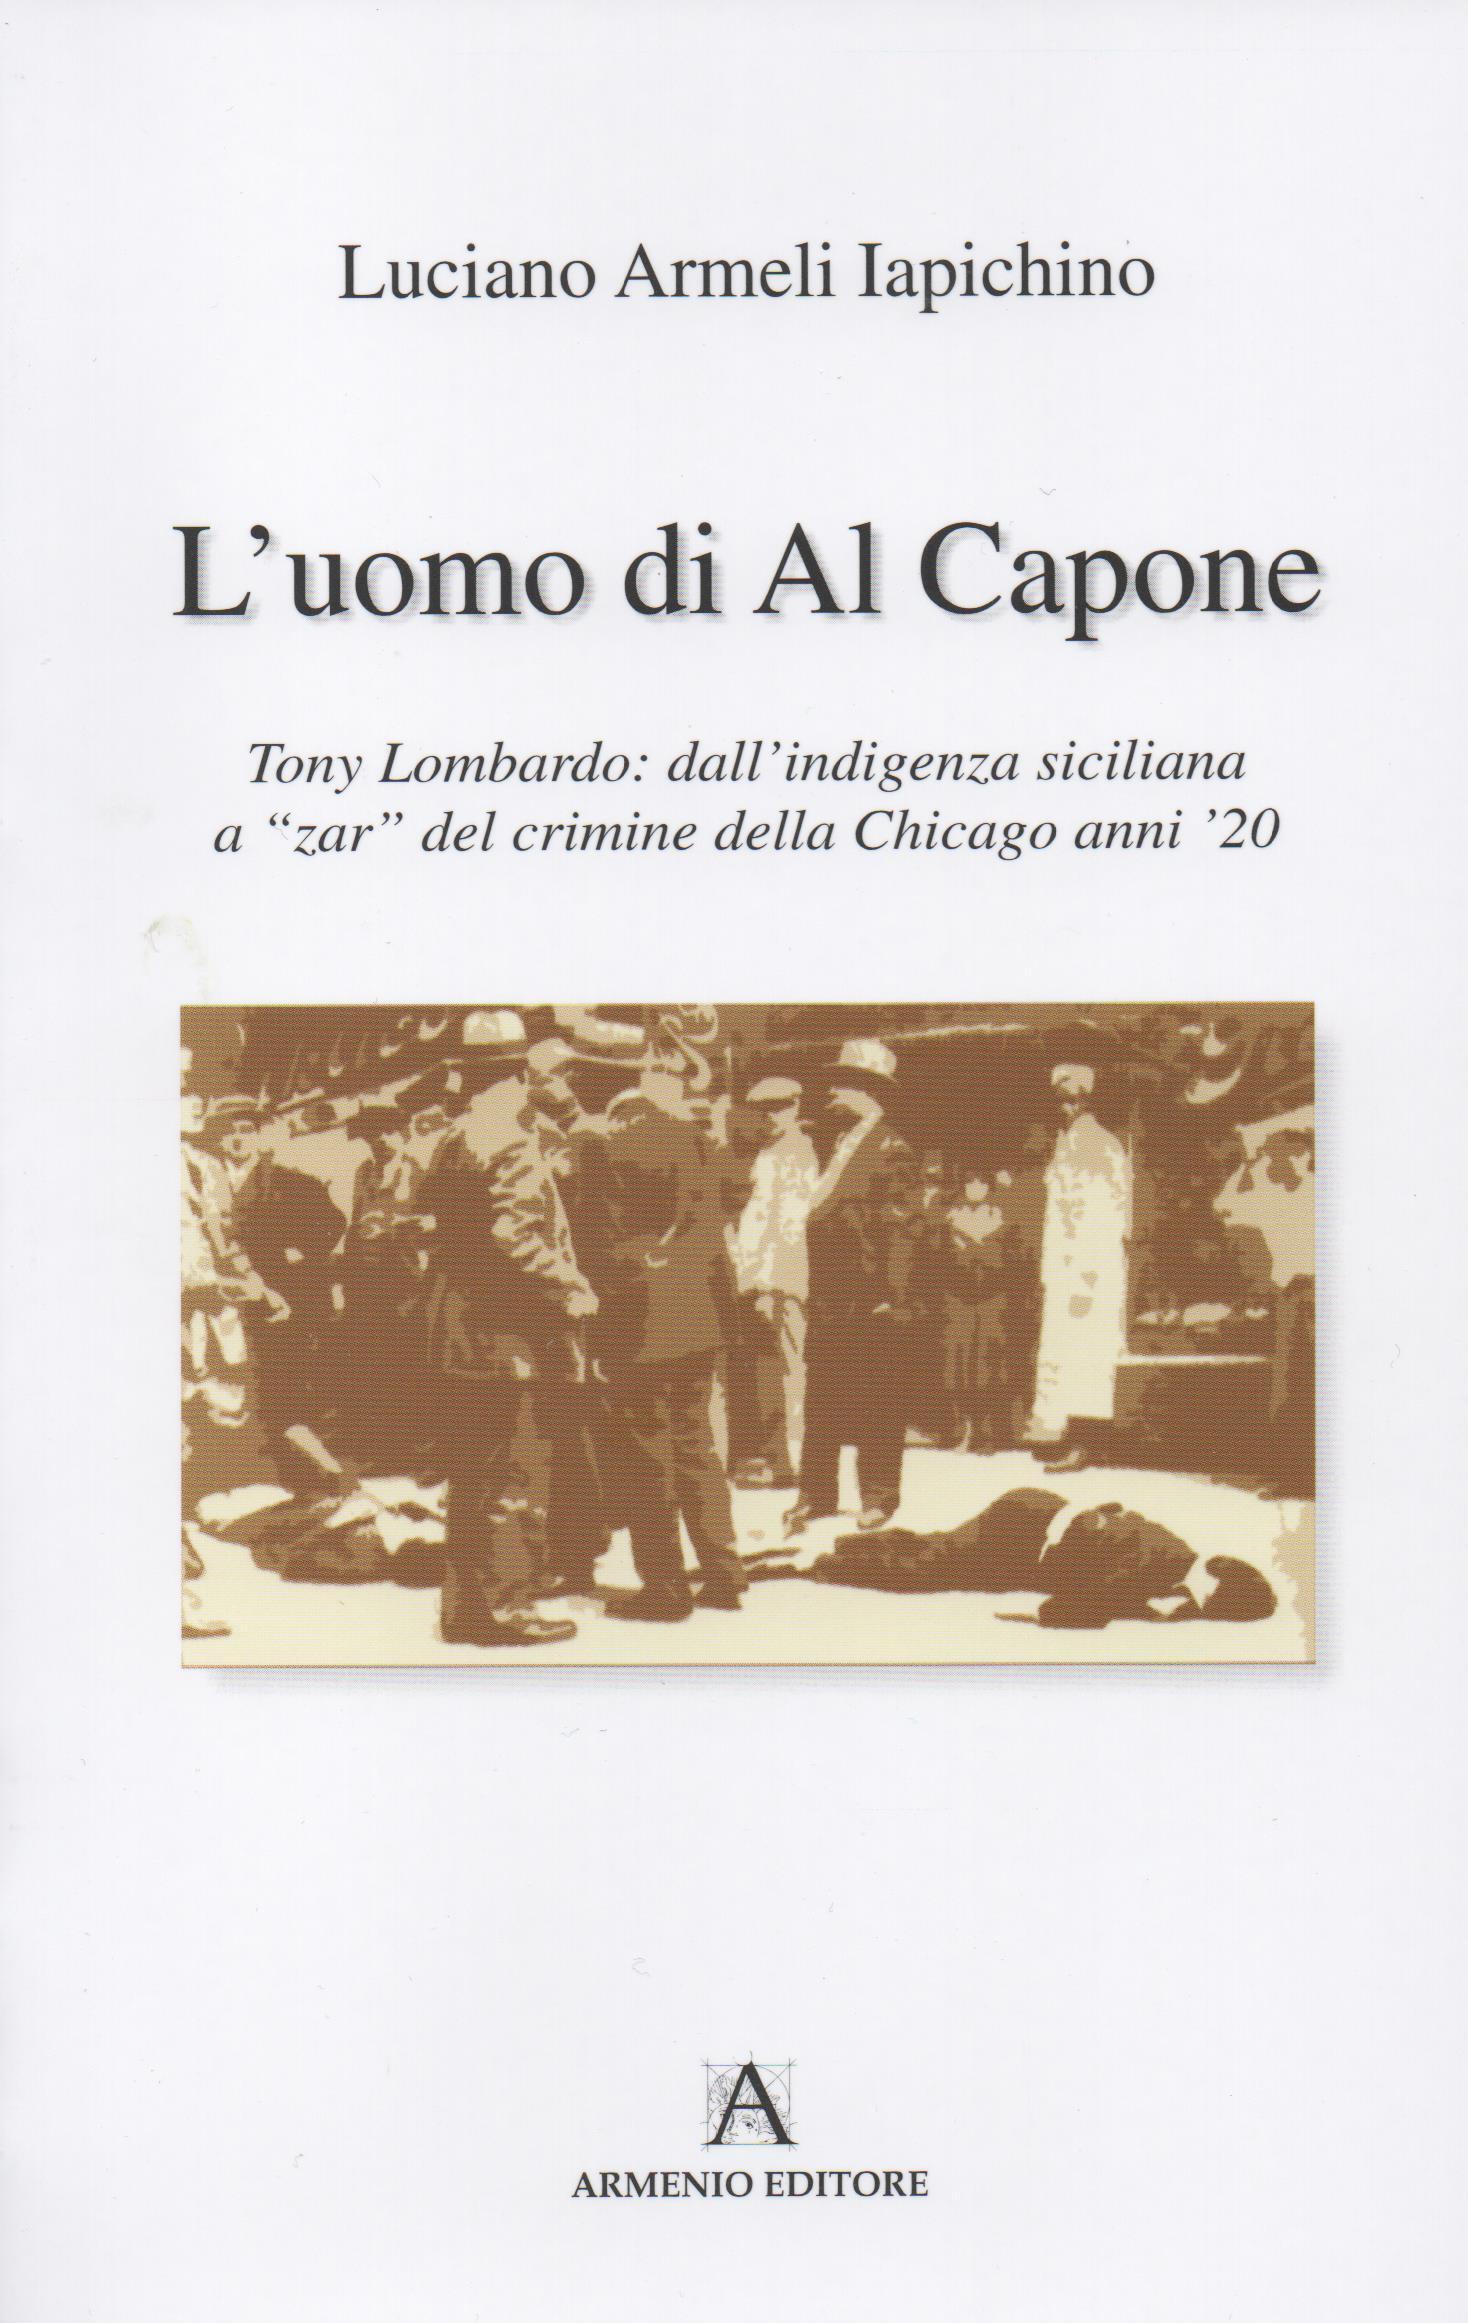 L'uomo di Al Capone